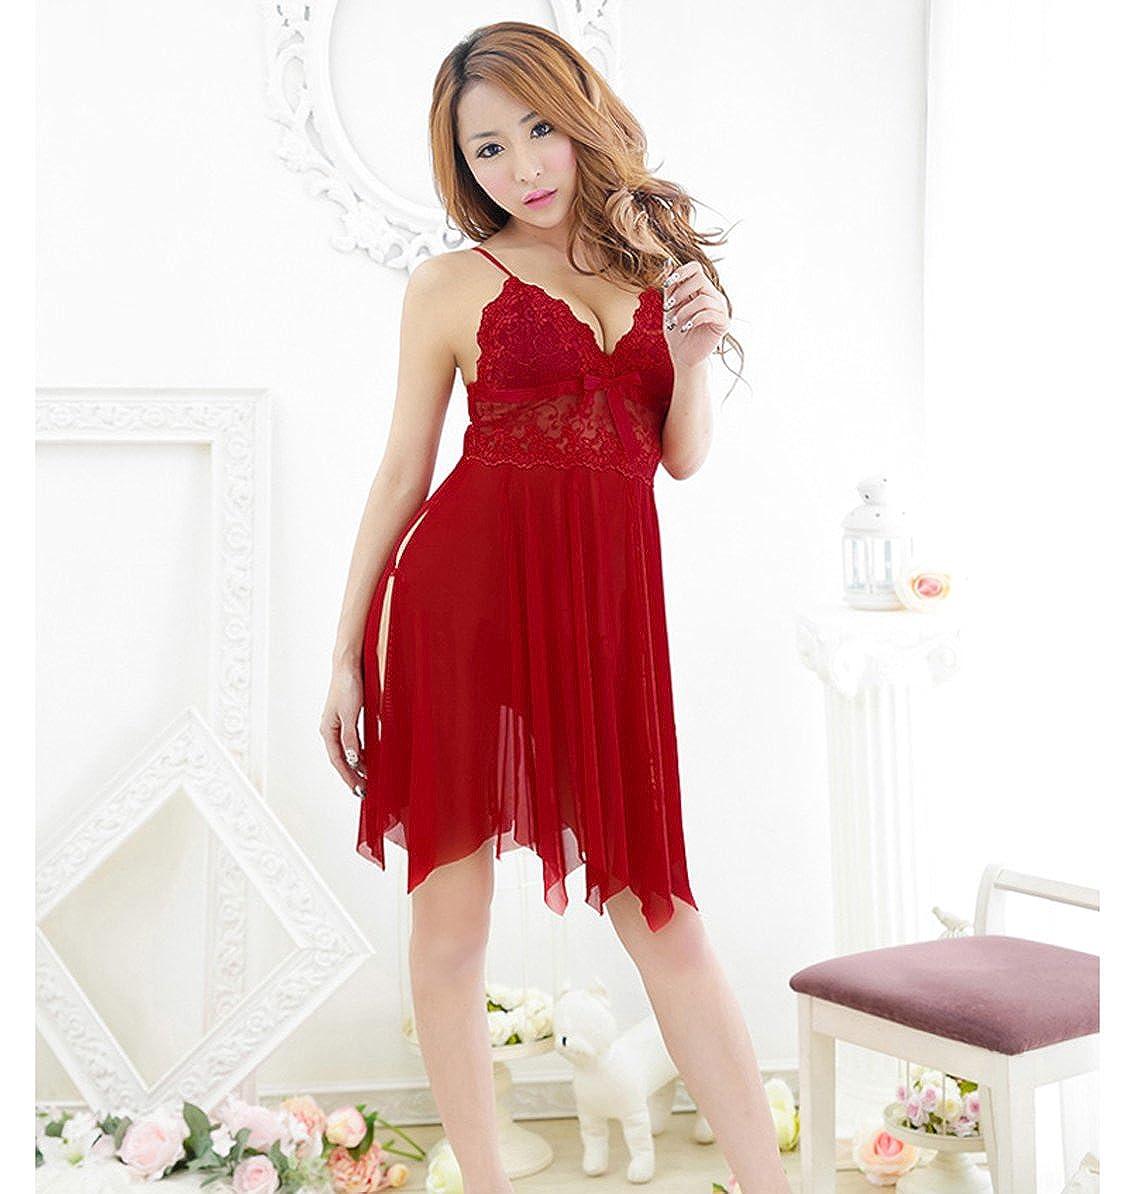 9686687ef TX-Originality Women s lingerie Babydoll Lace Nightwear - Free Size ...